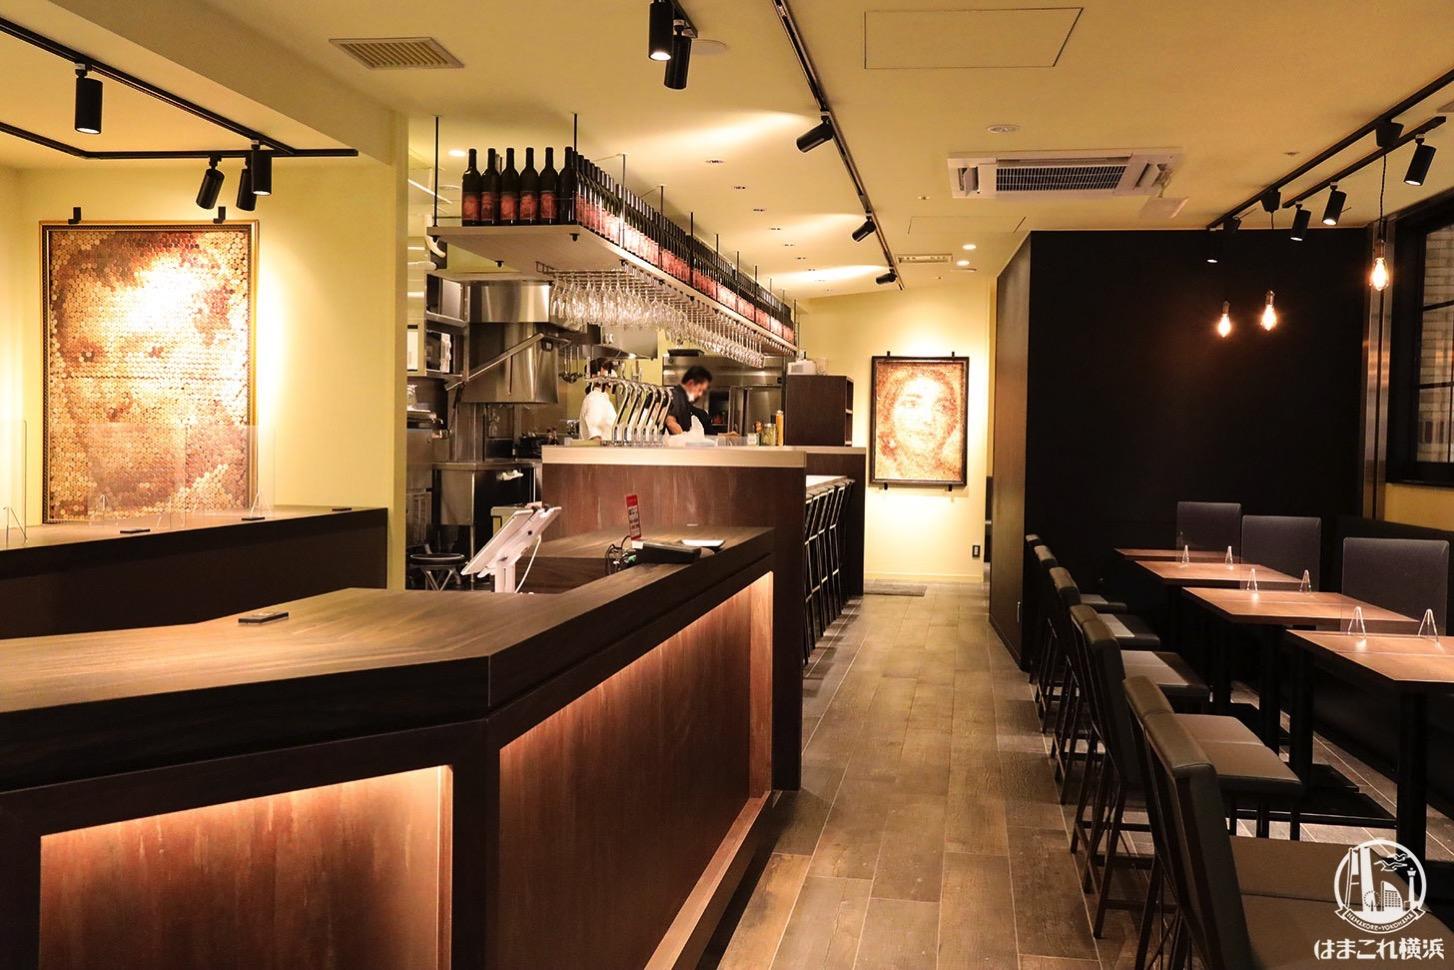 ワインバル「matsu e mon YOKOHAMA」店内